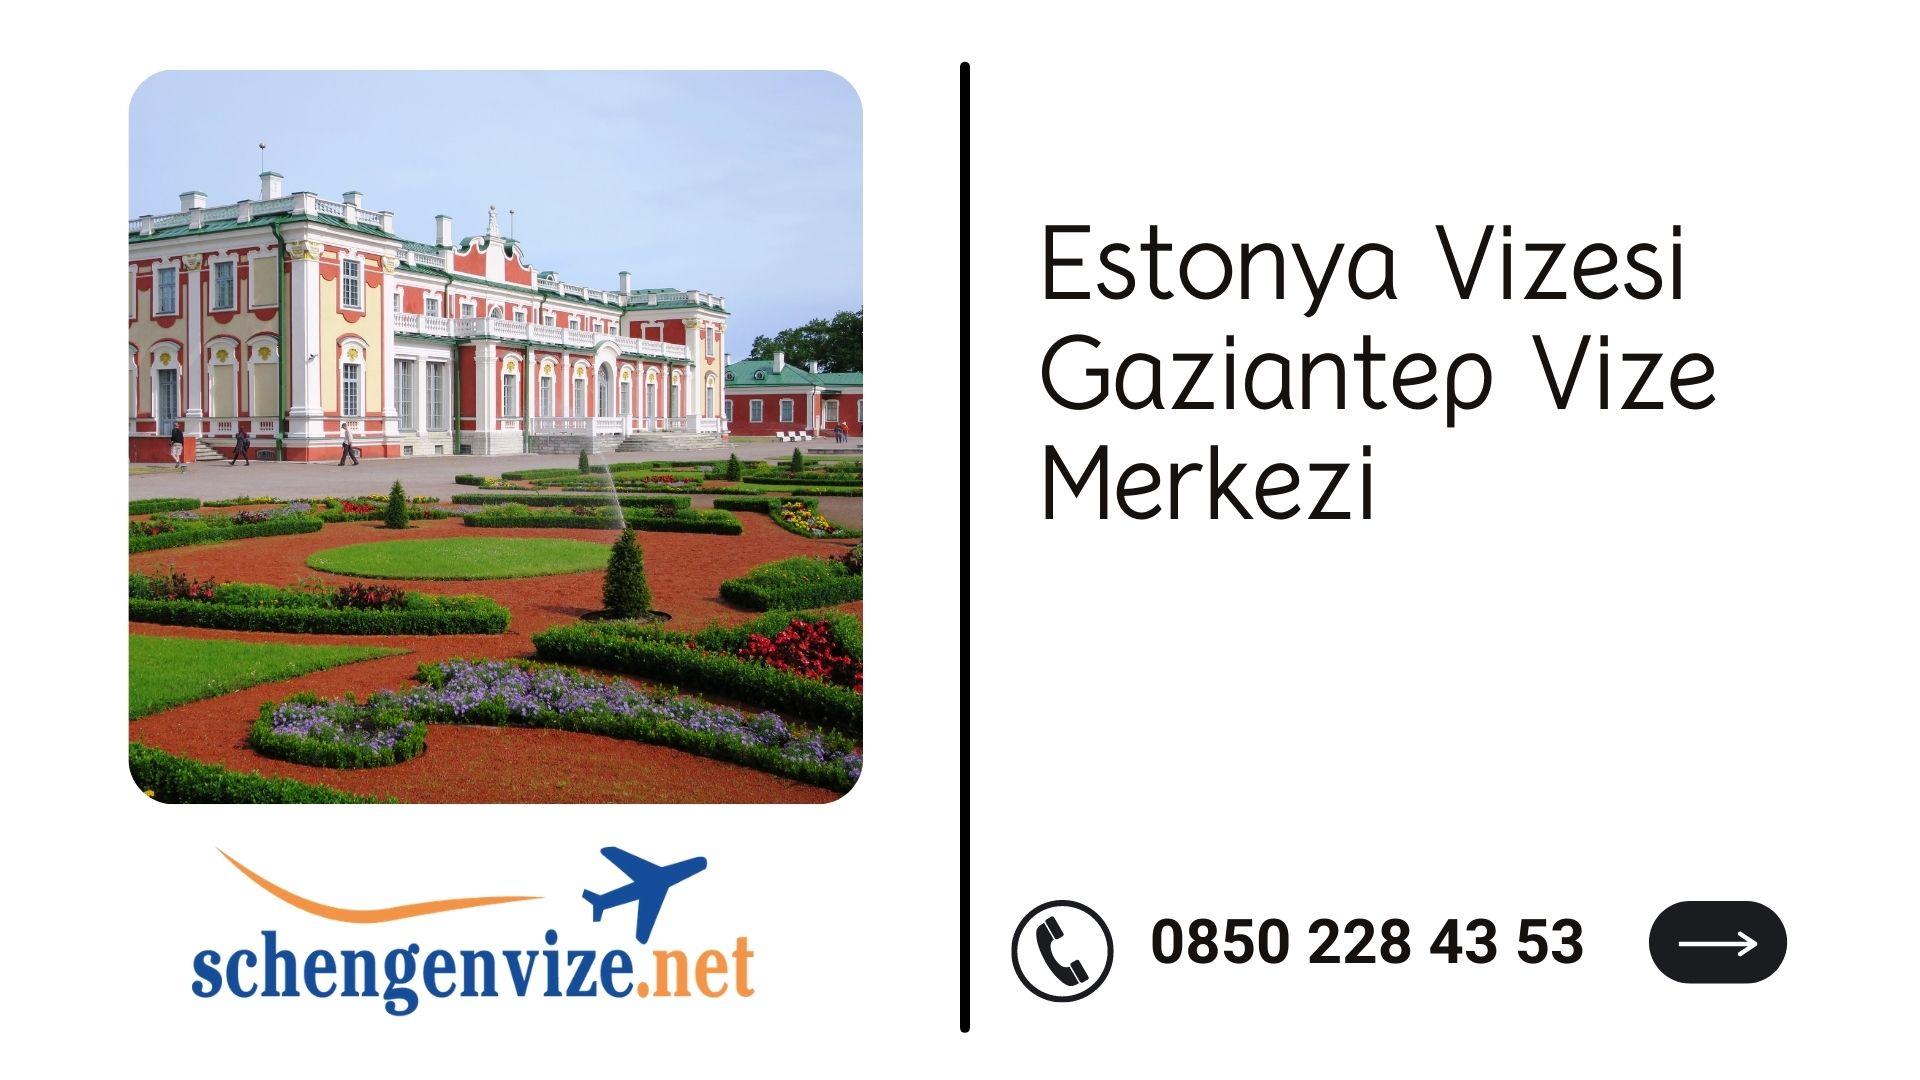 Estonya Vizesi Gaziantep Vize Merkezi